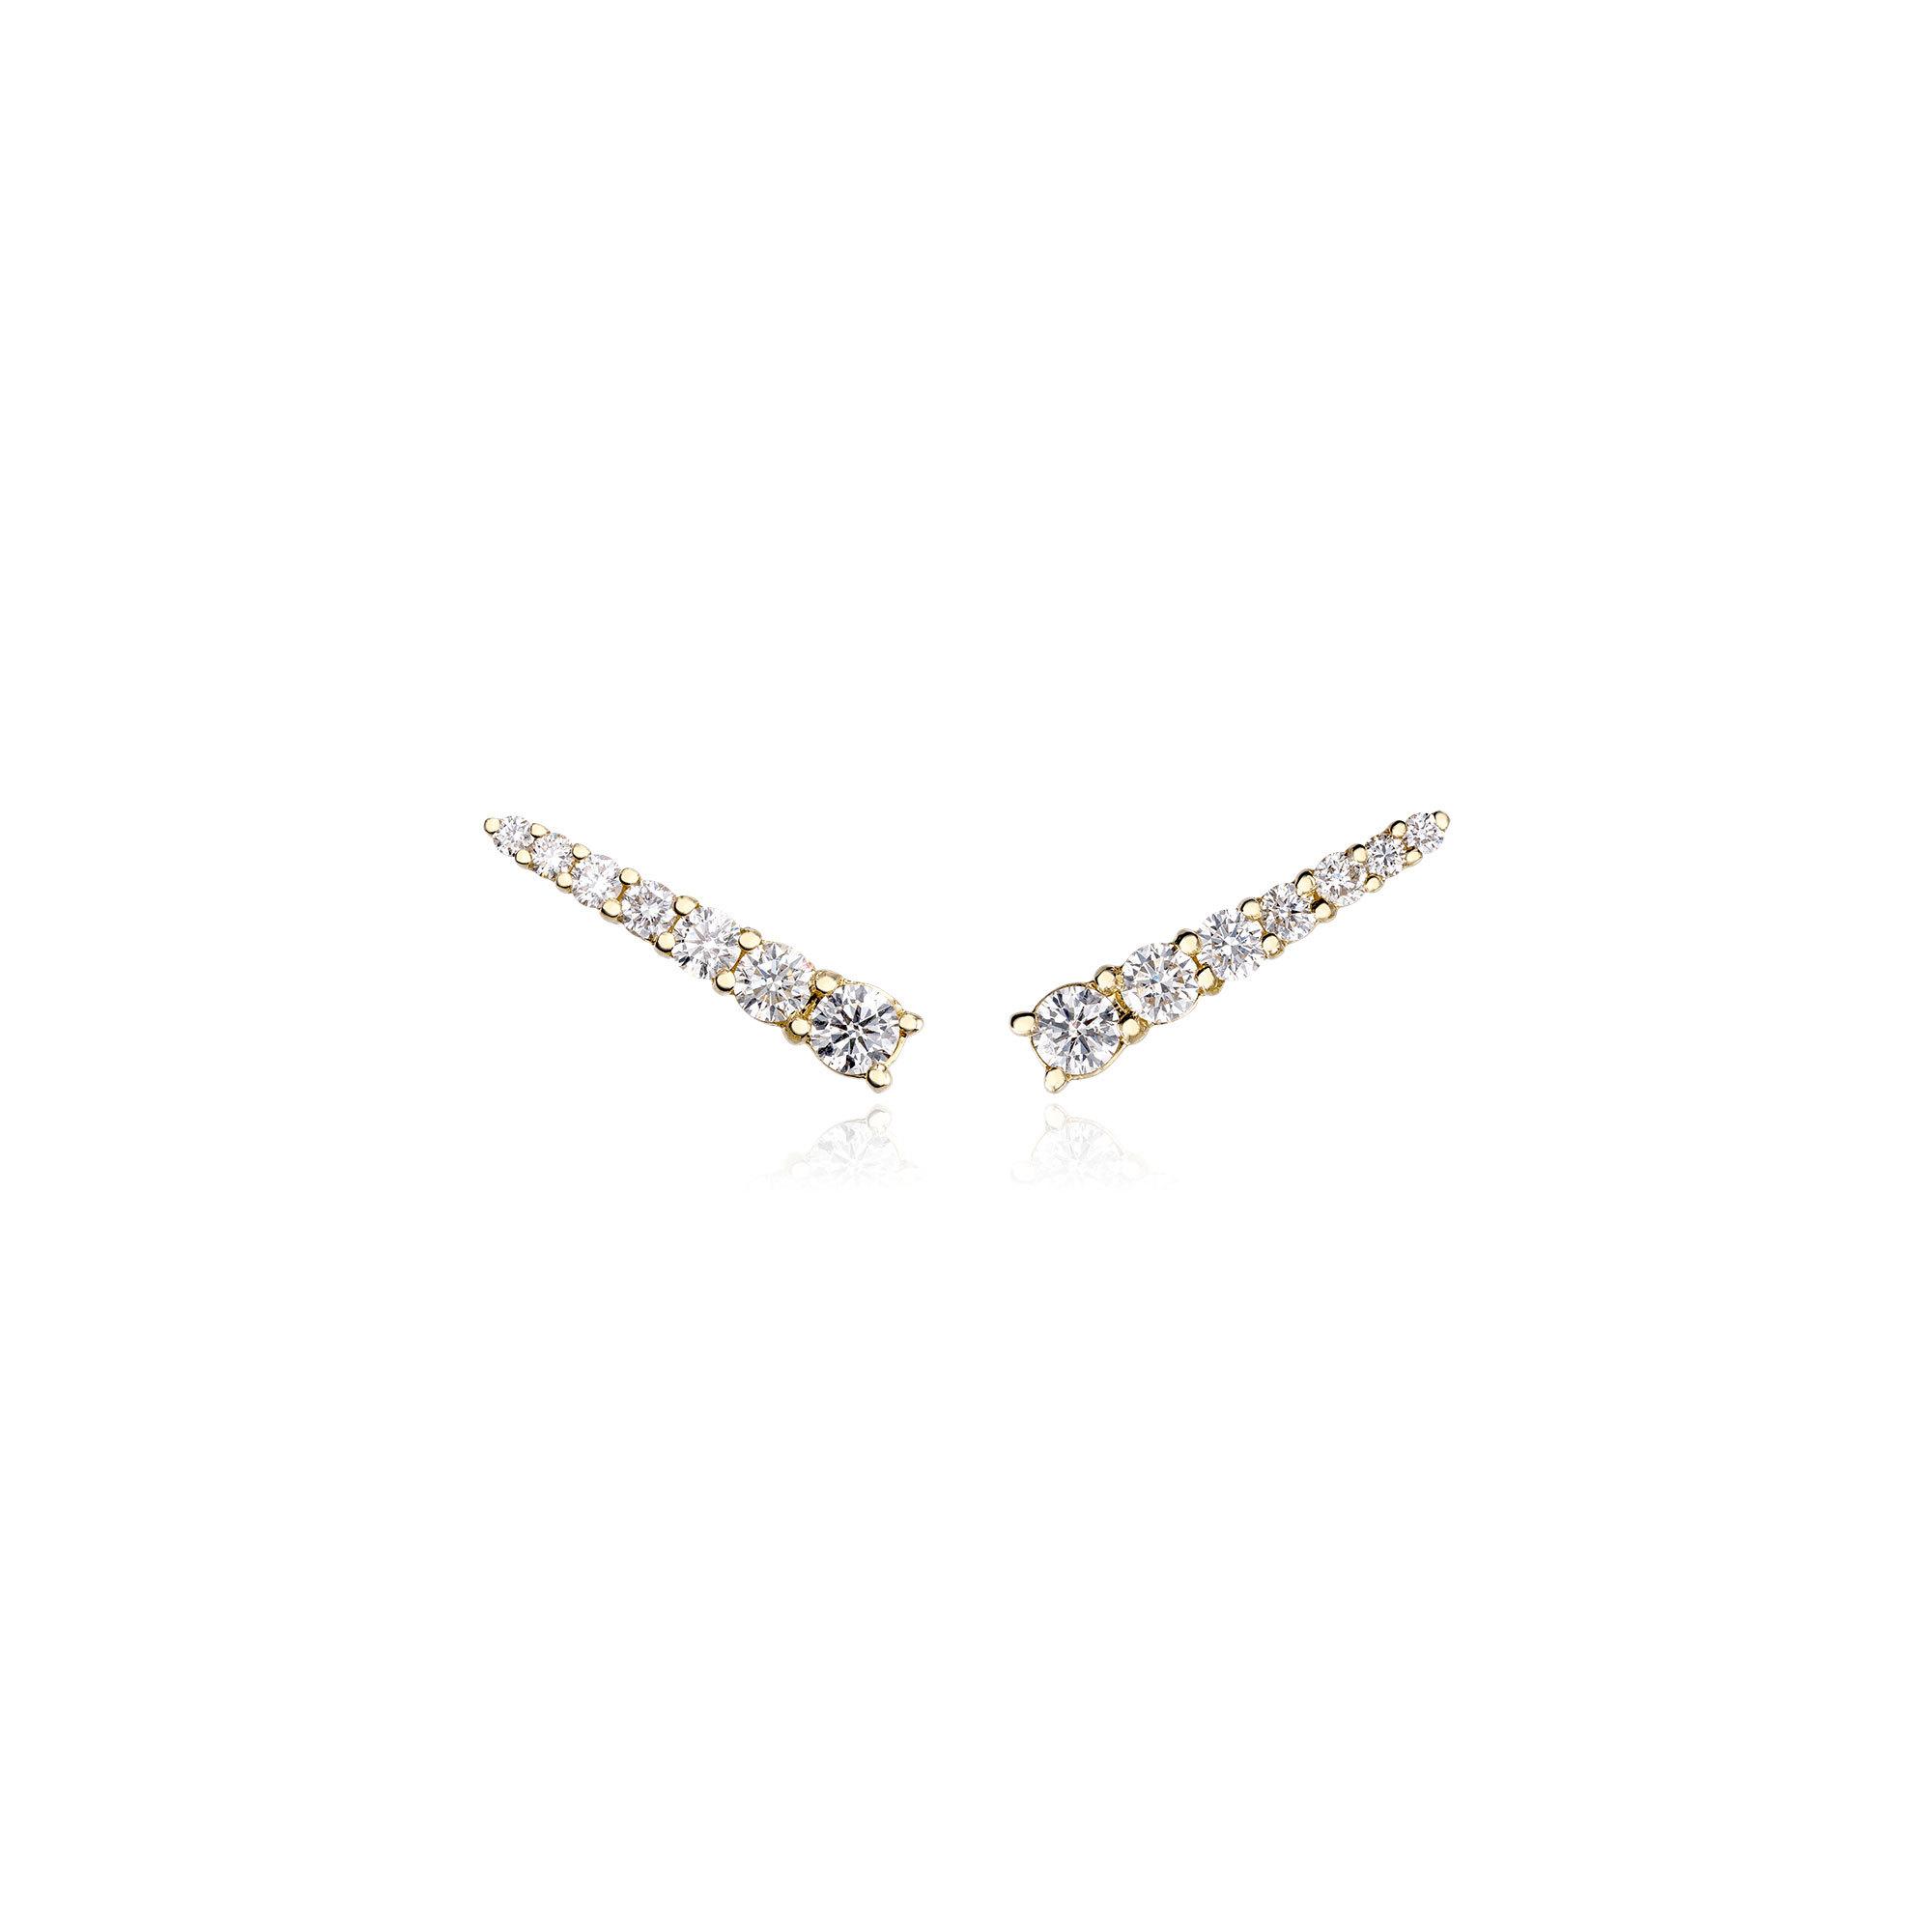 ORTAEA Mode Earrings